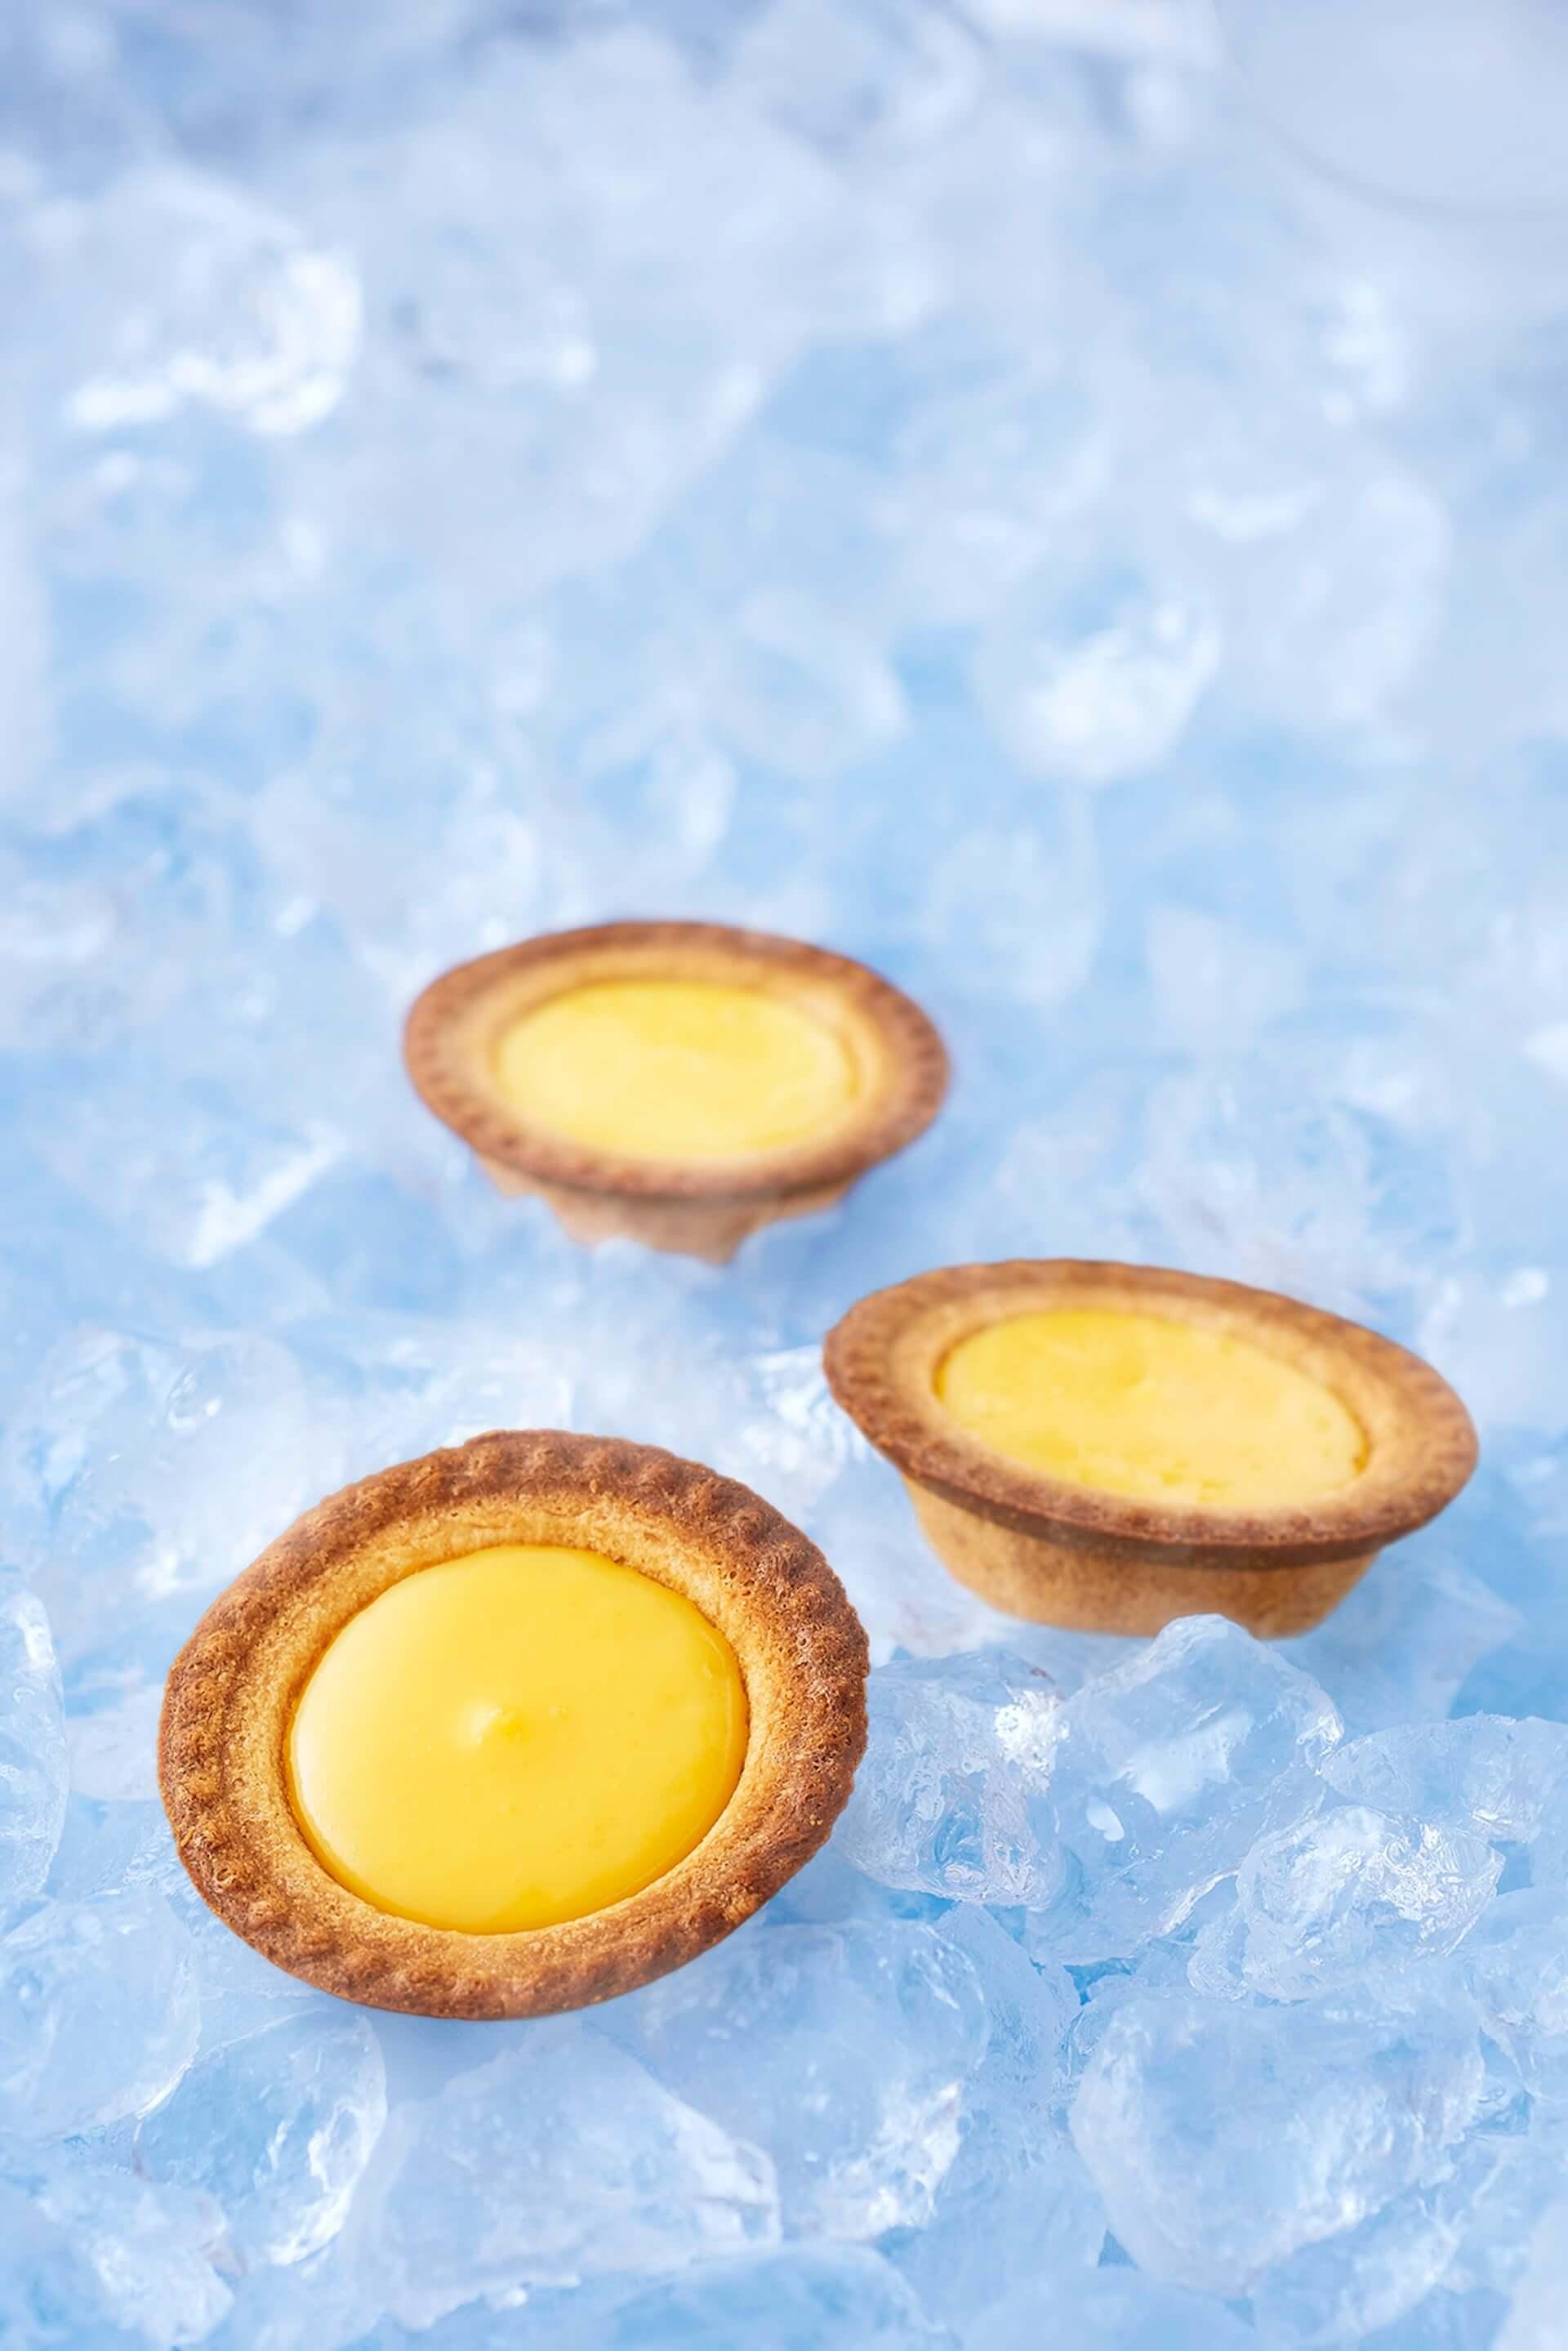 BAKE CHEESE TARTから冷やして美味しい夏季限定商品『冷やしプリンチーズタルト』と『瀬戸内レモンチーズタルト』が発売決定! gourmet200728_bake-cheesetart_2-1920x2878